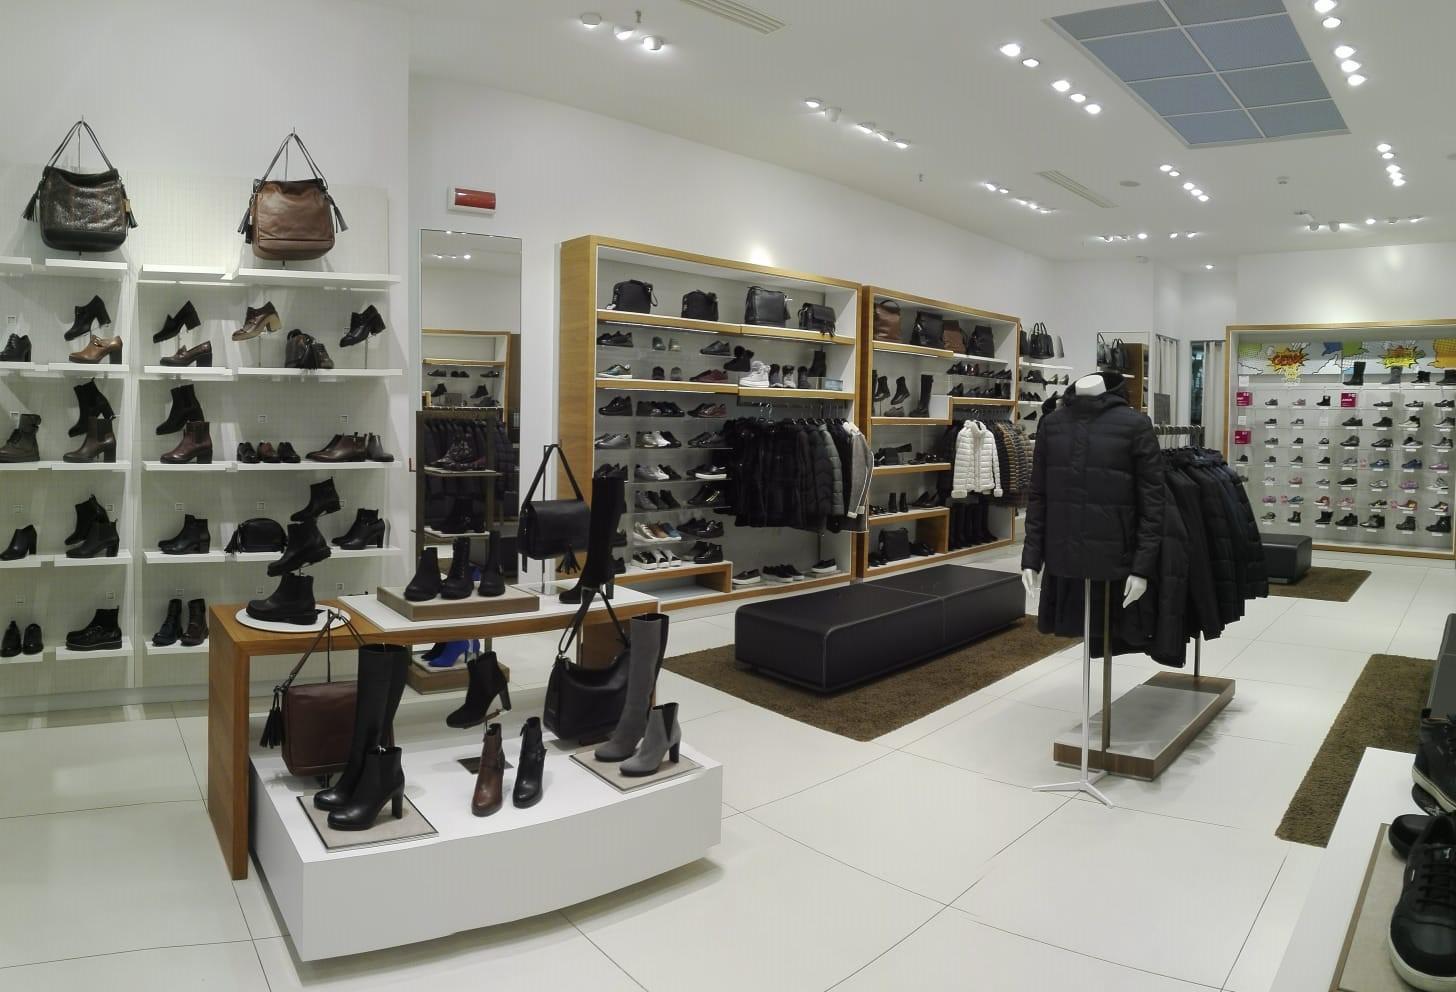 Negozio GEOX - Centro Commerciale La Fattoria (Rovigo - veneto) 1a69eec6da0